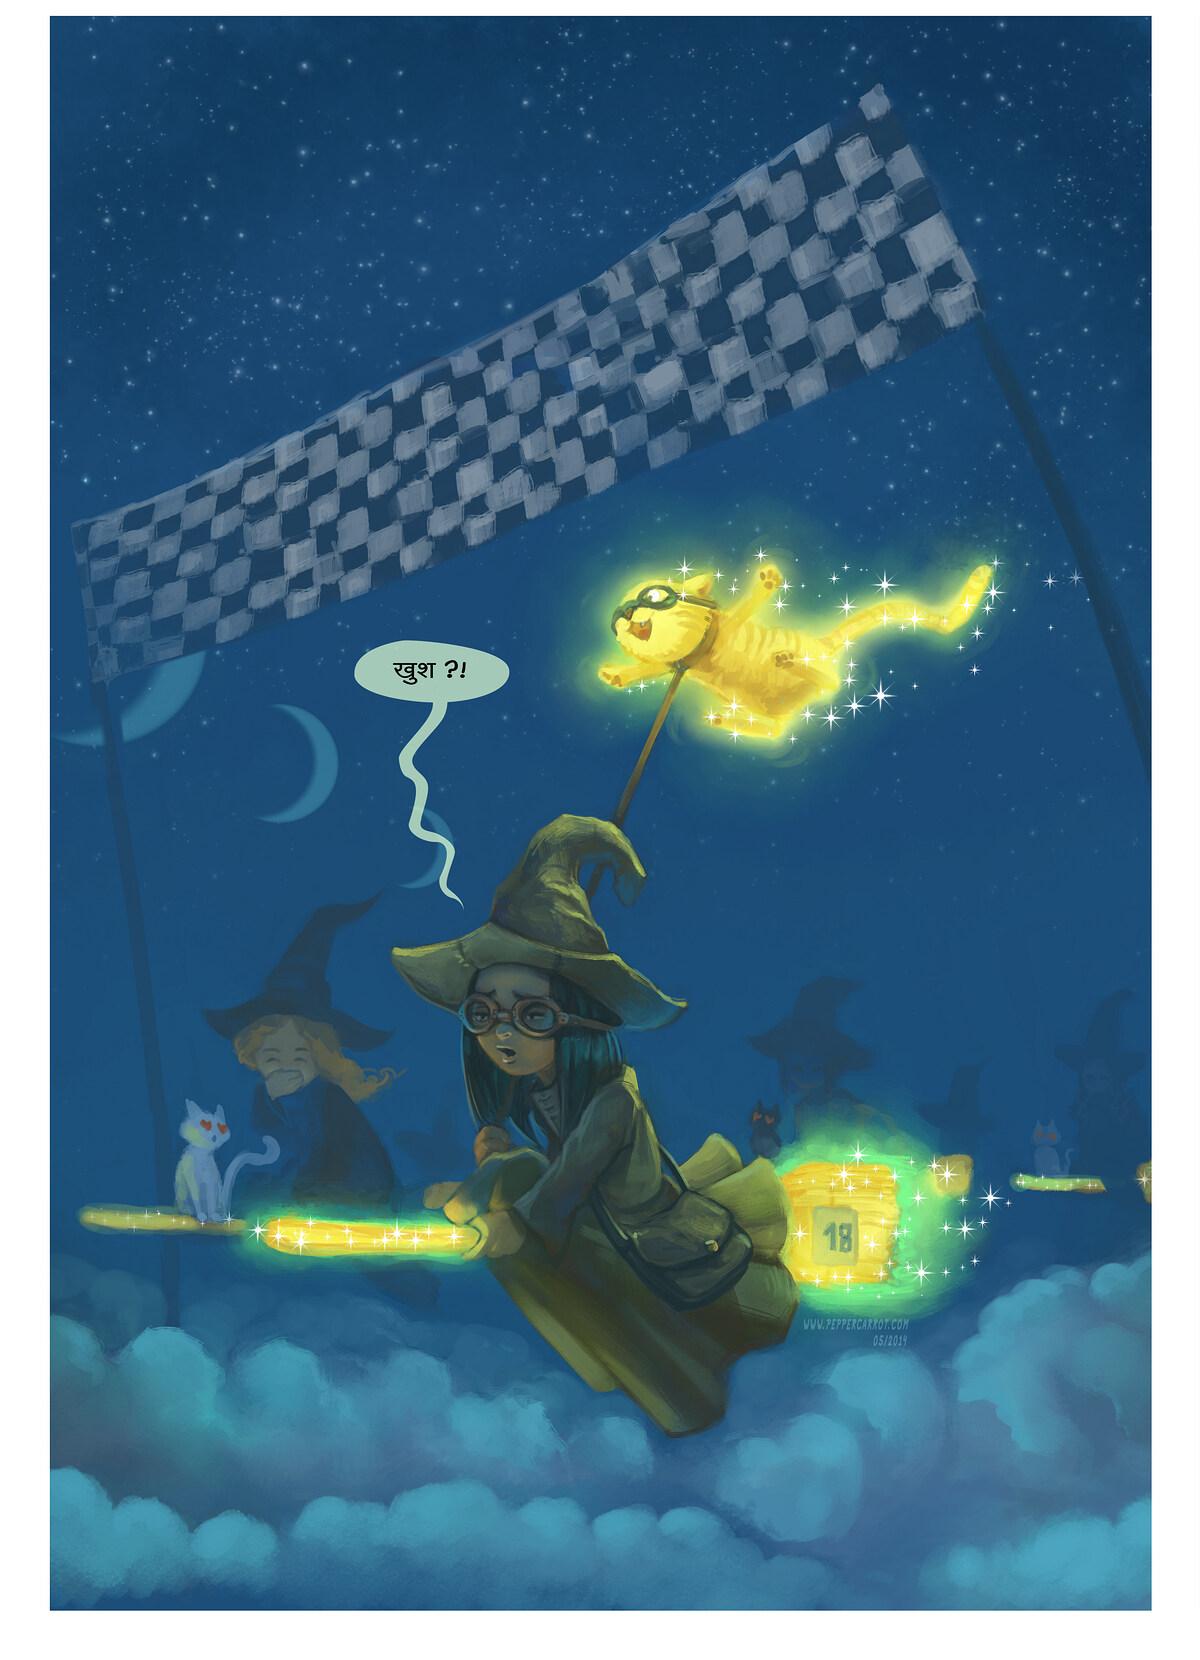 अध्याय १: जादुई काढ़े की उड़ान, Page 3